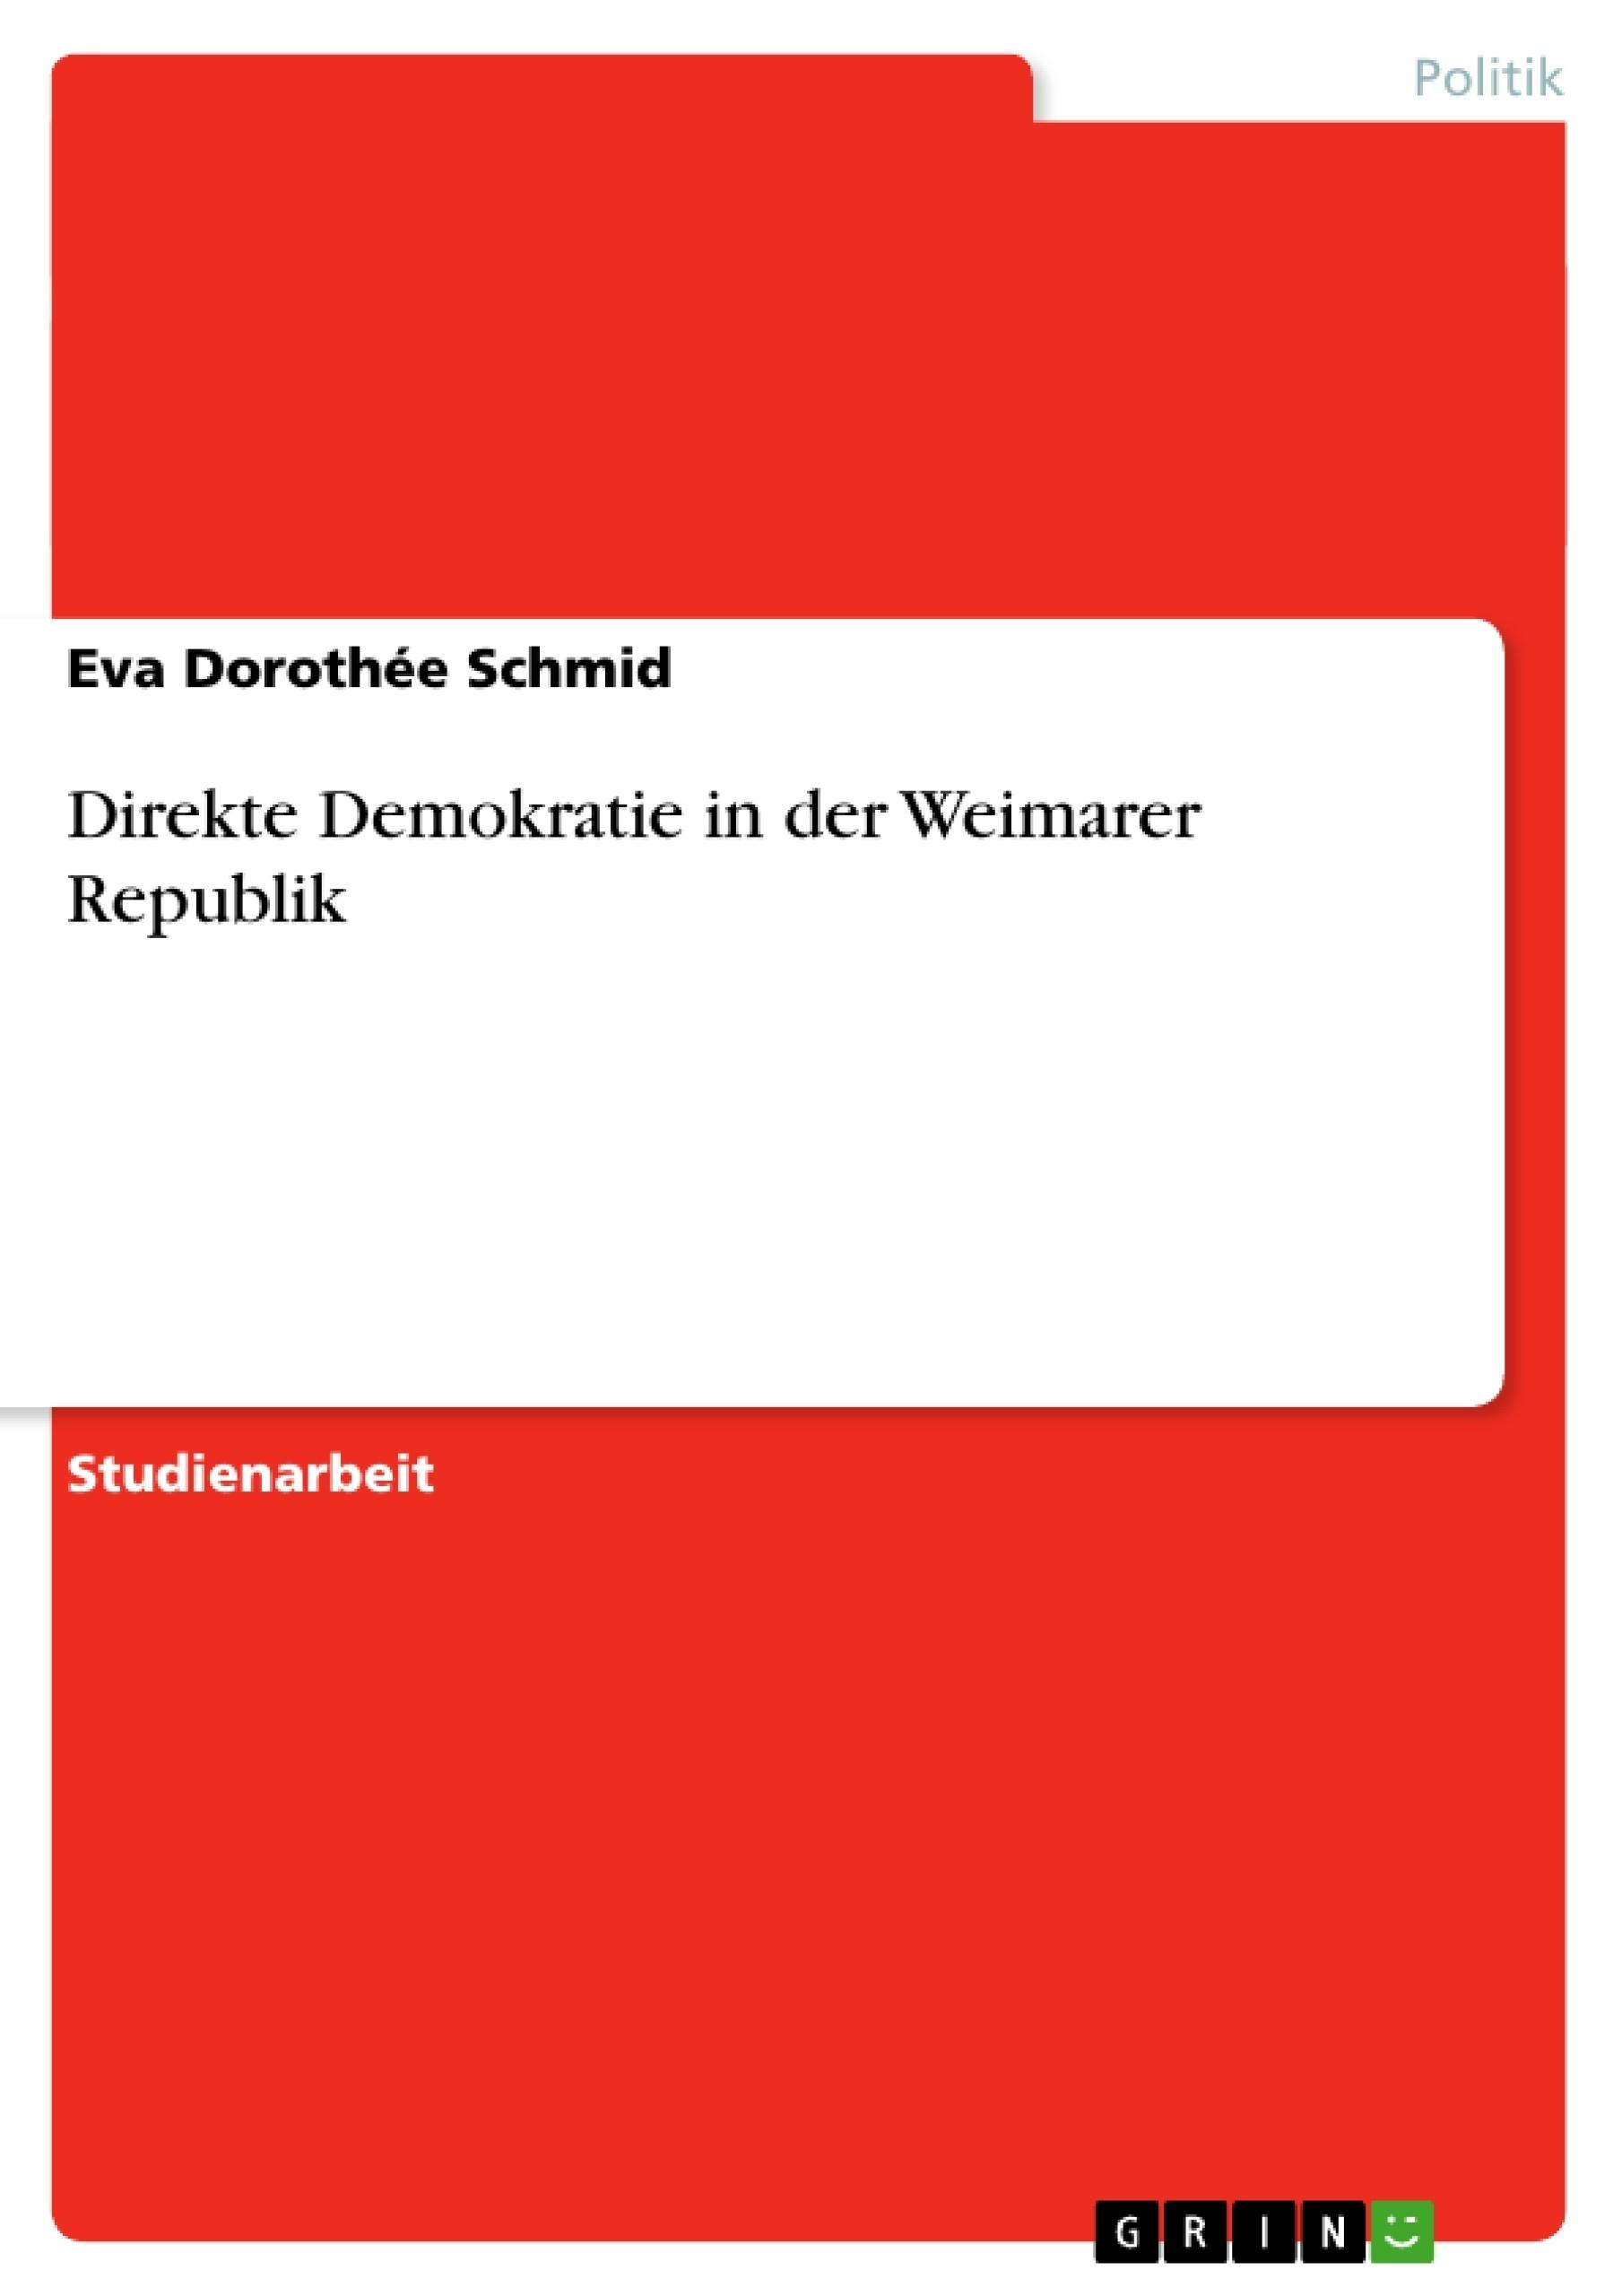 Titel: Direkte Demokratie in der Weimarer Republik